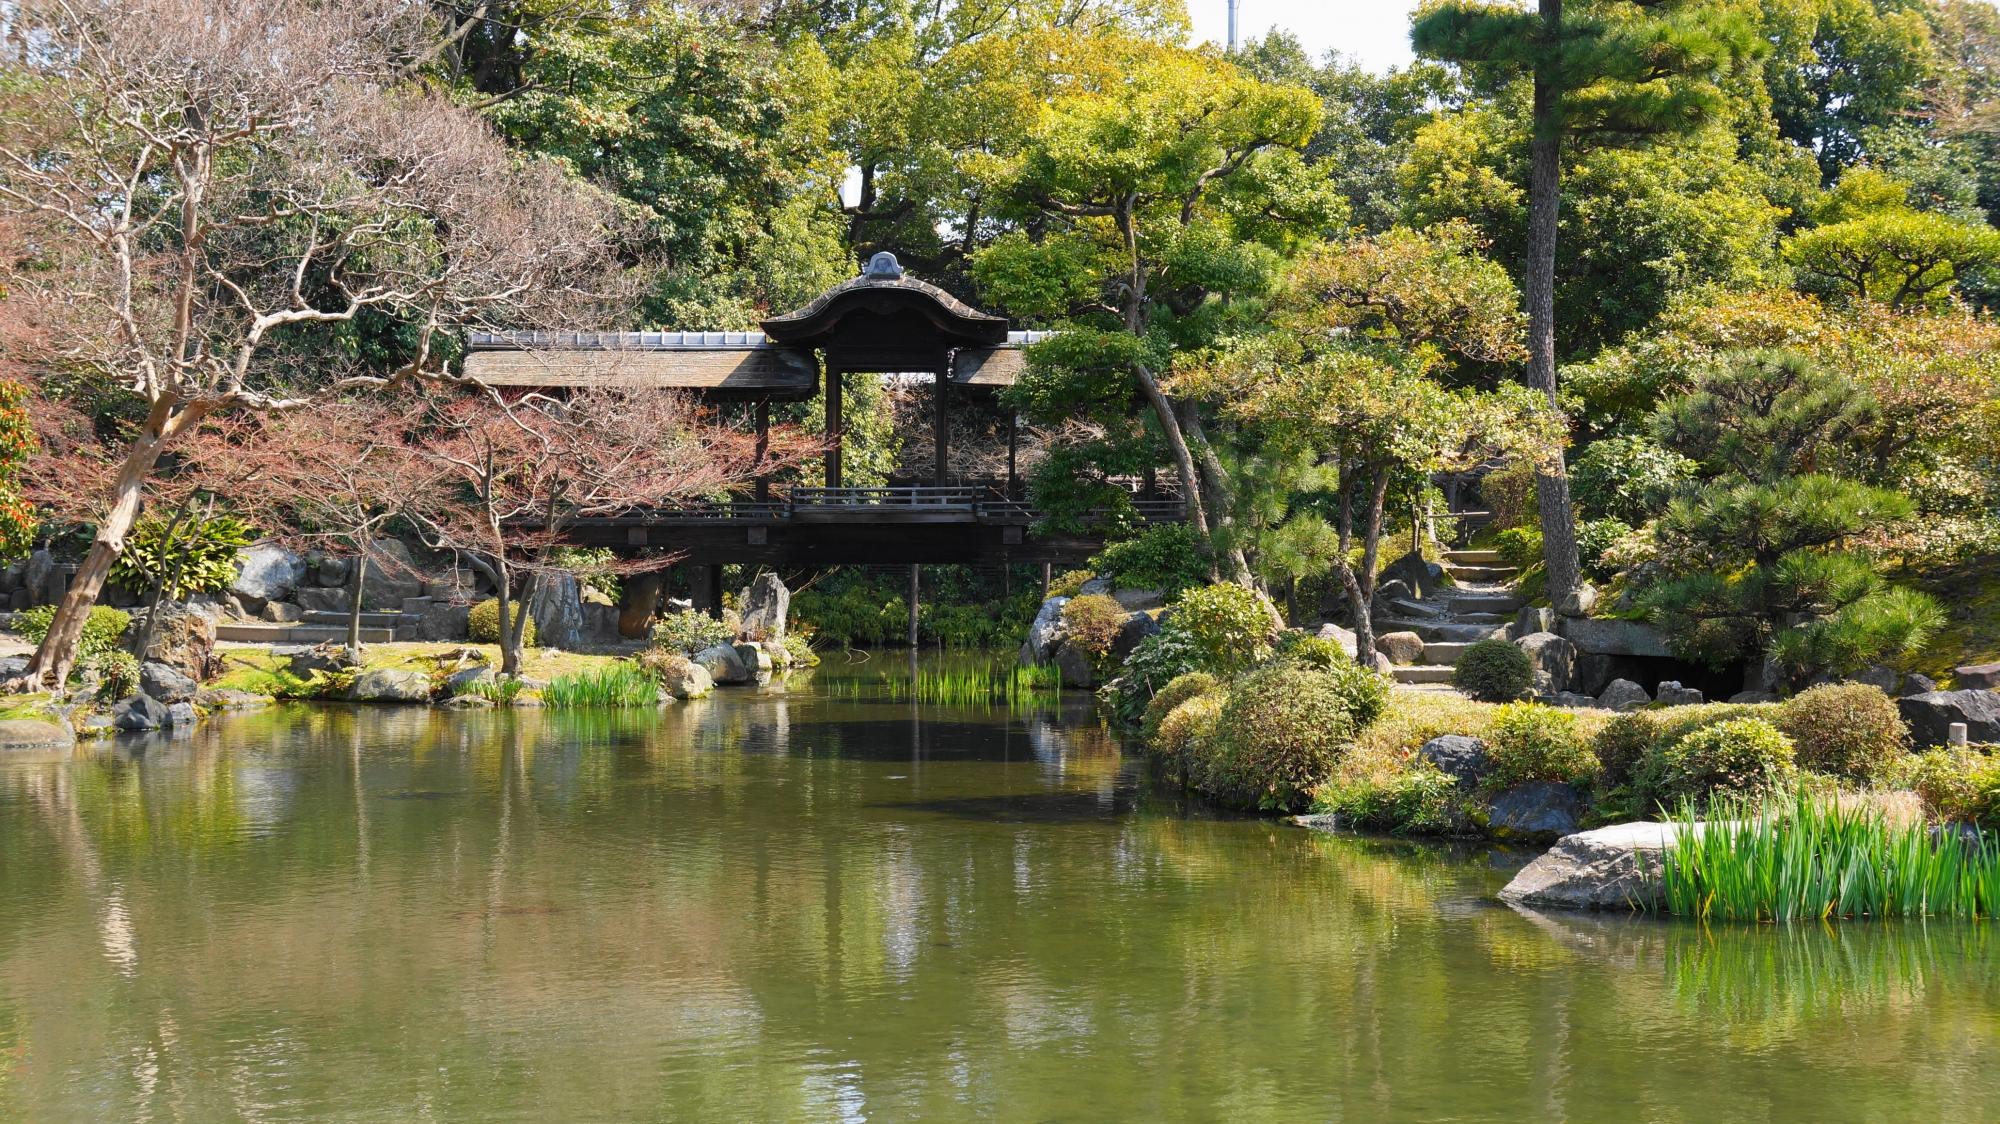 緑あふれる庭園と池の中に佇む回棹廊